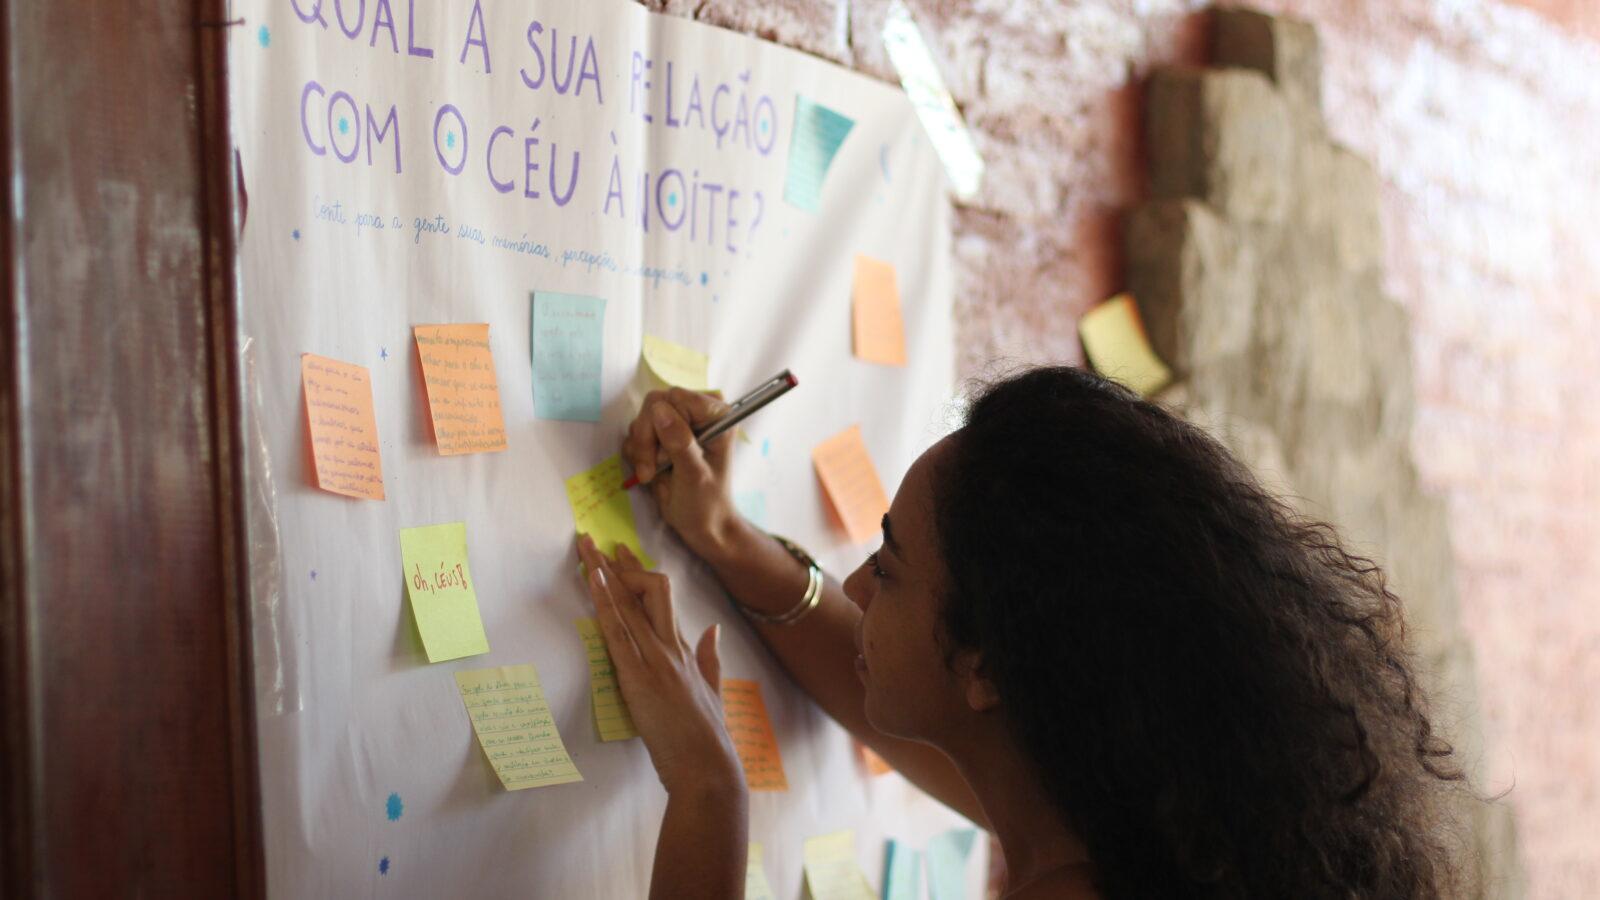 """<p><span style=""""font-weight: 400;"""">Por meio de metodologias colaborativas, Silo realiza laboratórios que trazem soluções para sistema alimentar em tríplice fronteira do Sudeste brasileiro </span></p>"""